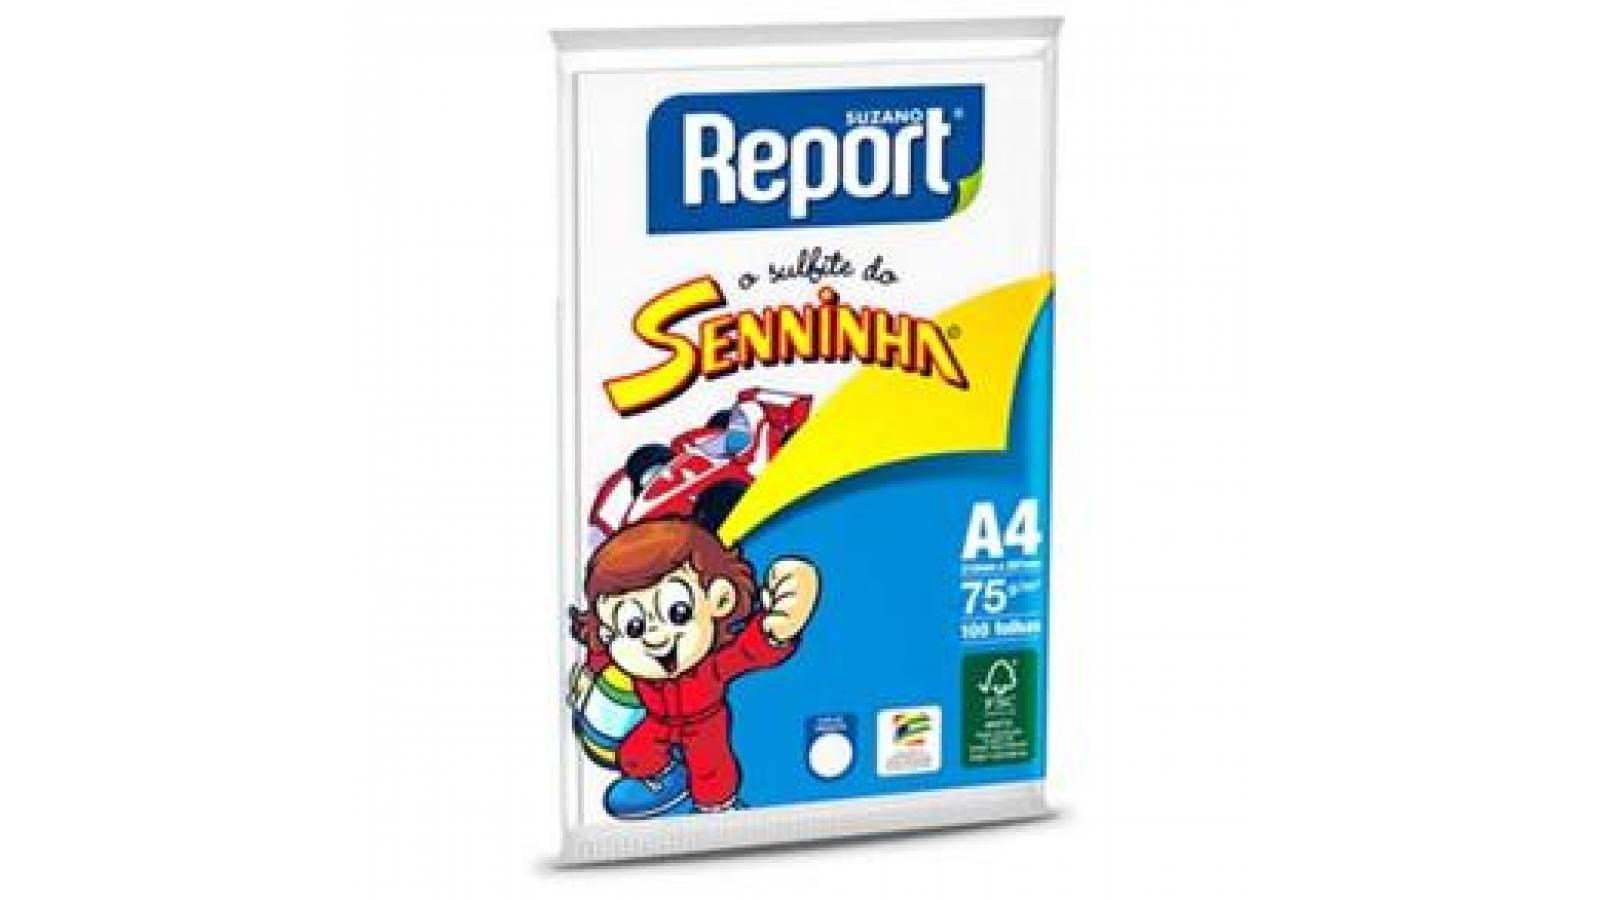 PAPEL A4  REPORT SENNINHA 100 HOJAS